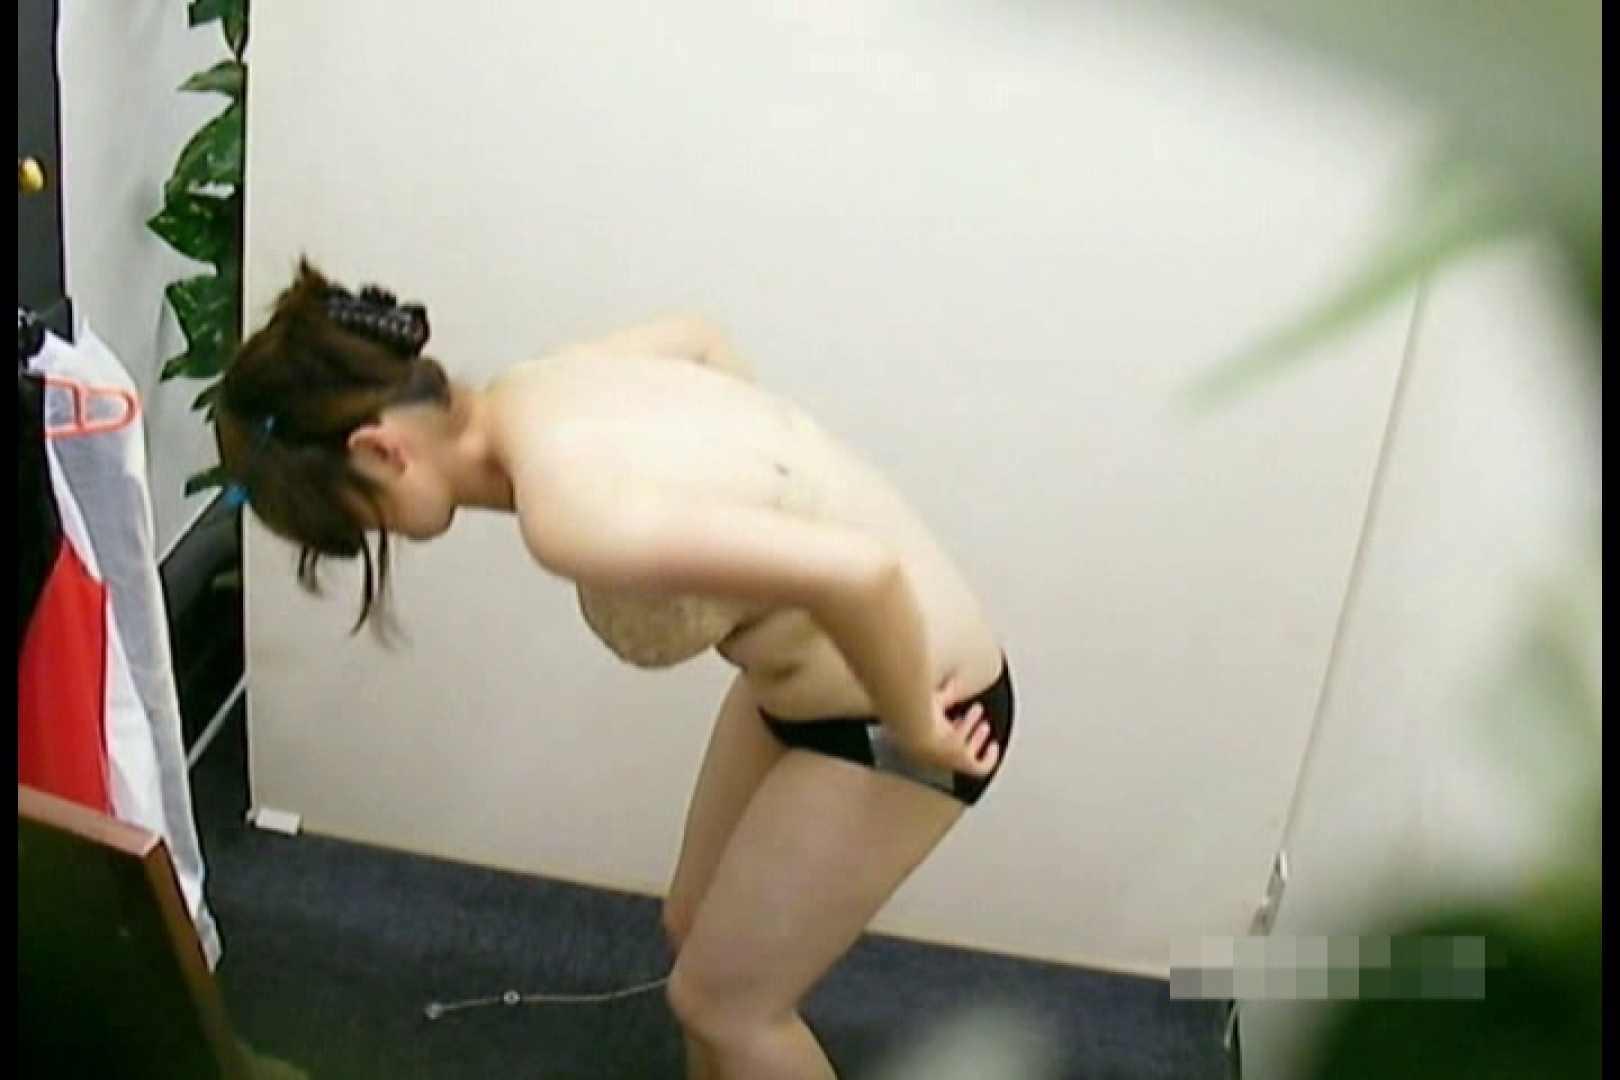 素人撮影 下着だけの撮影のはずが・・・えりか18歳 巨乳 | 乳首  104PIX 91